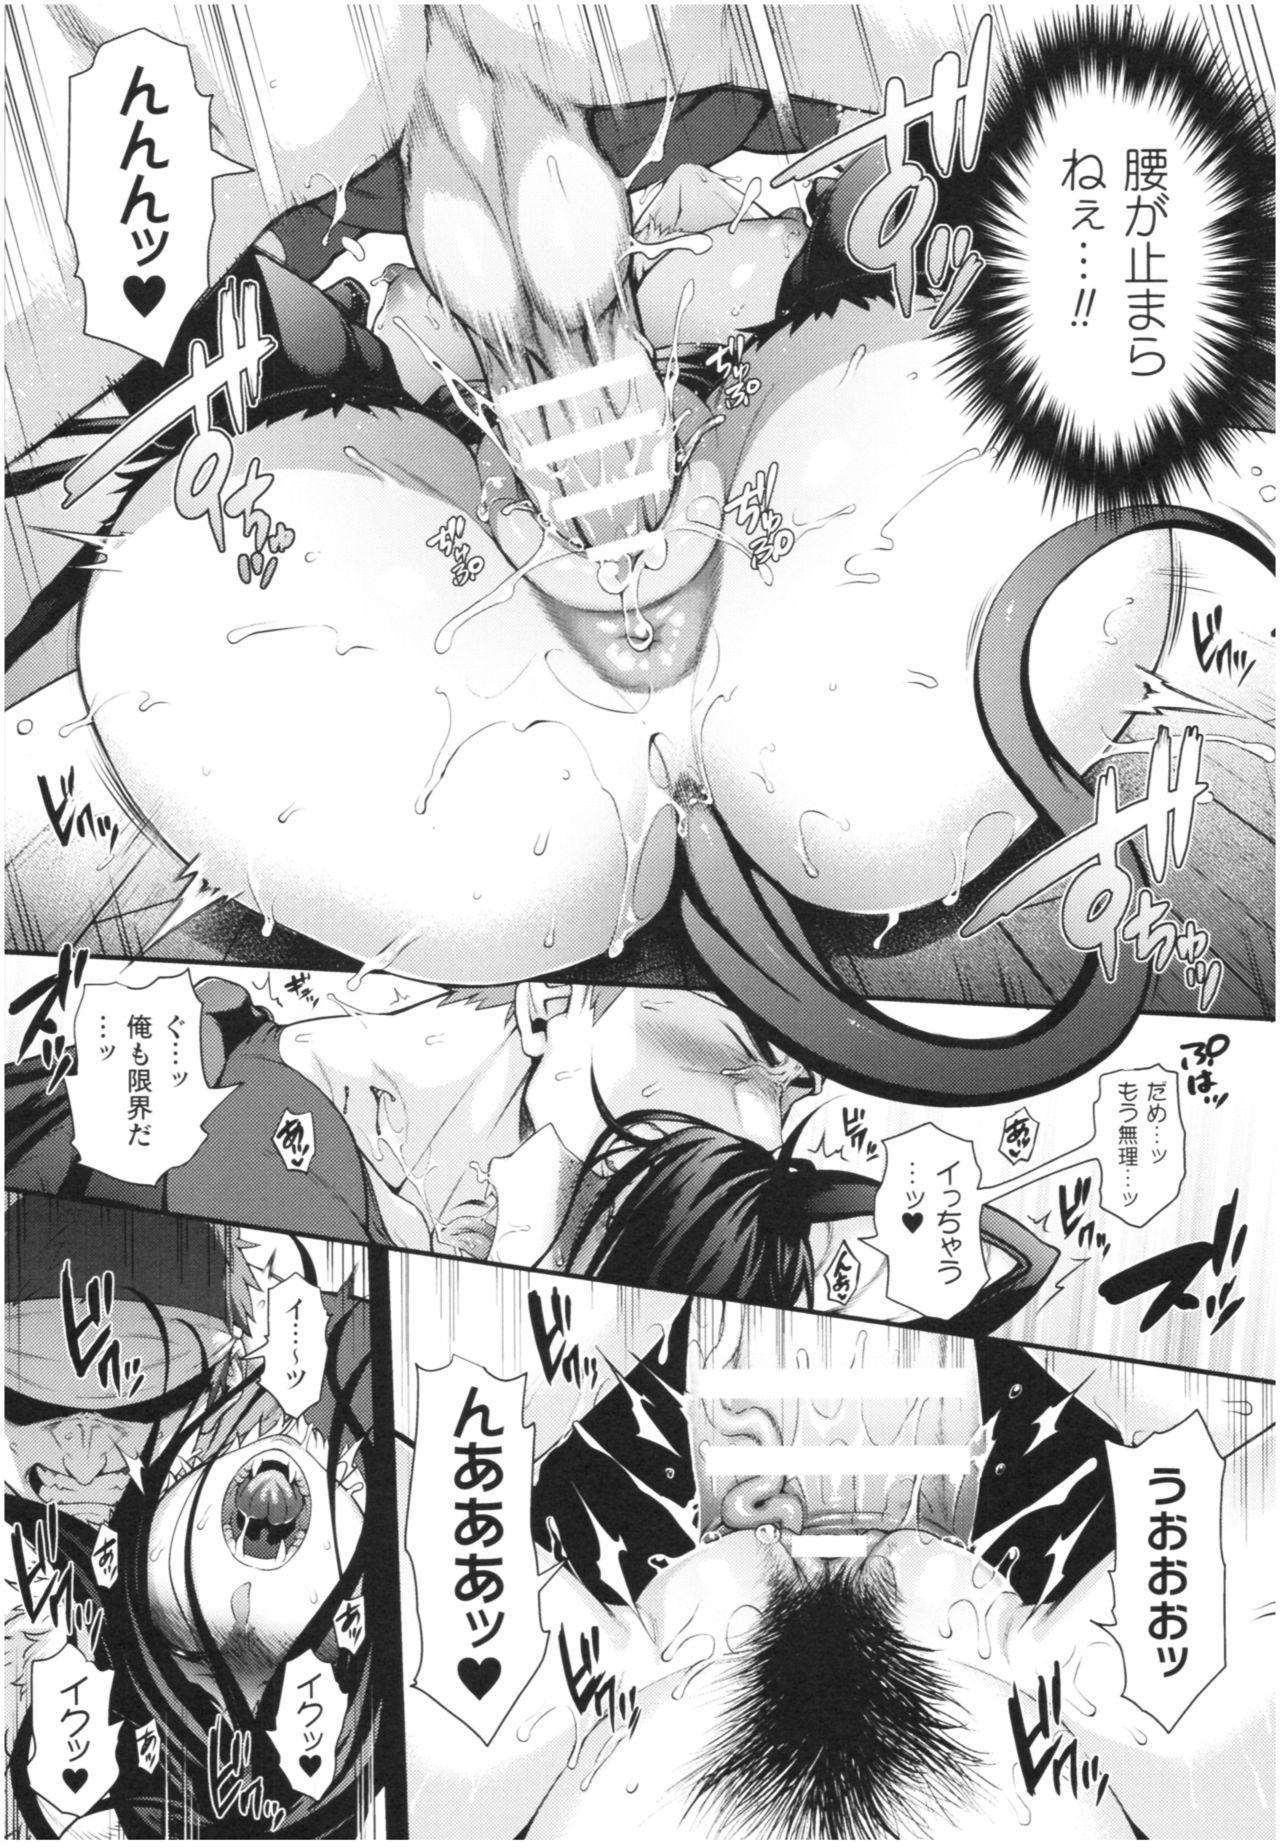 Kemonokko Tsushin 158